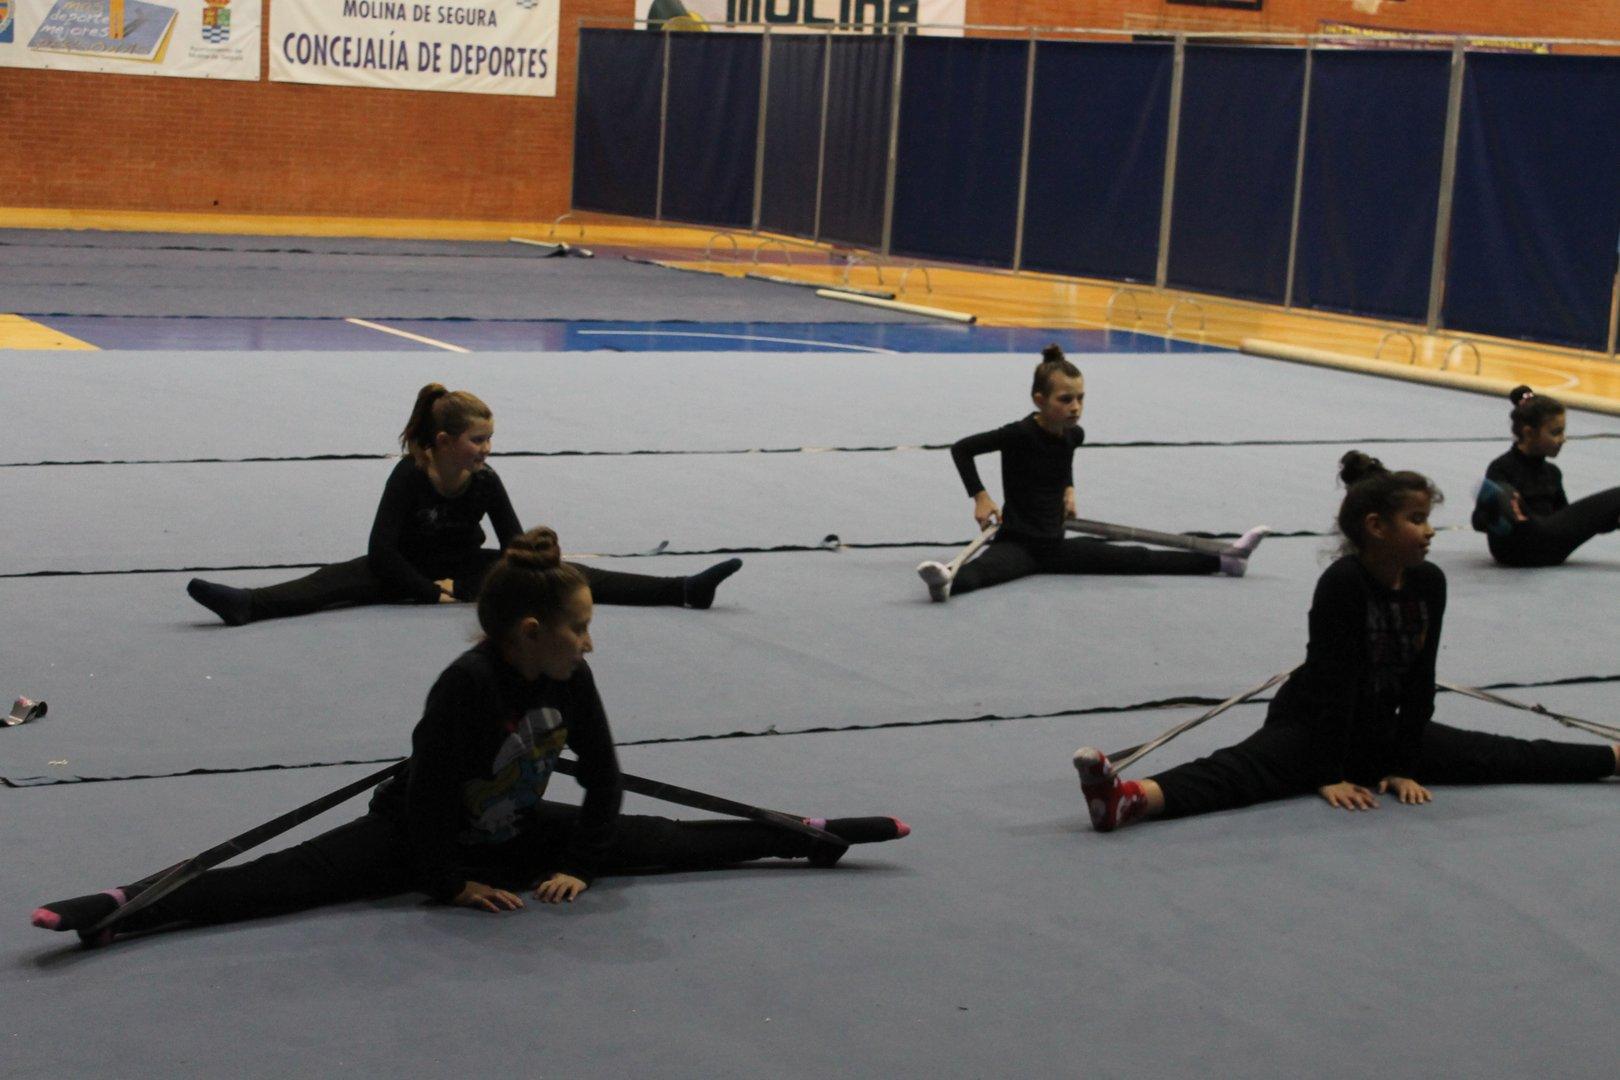 Gimnasia Ritmica en Molina de Segura